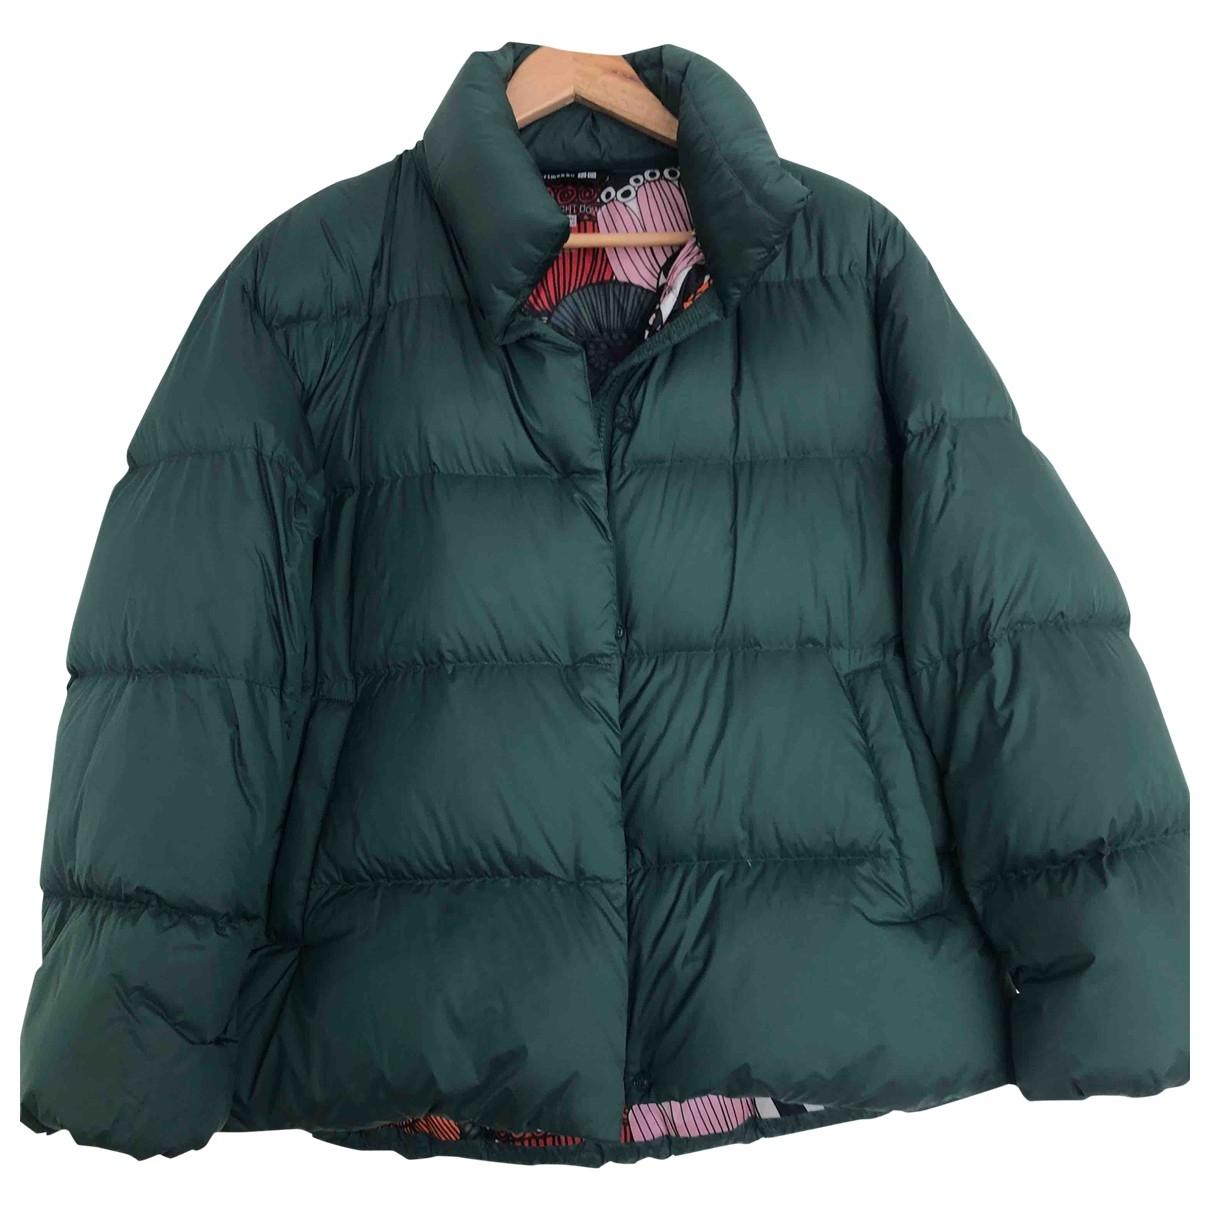 Uniqlo \N Green jacket for Women XS International